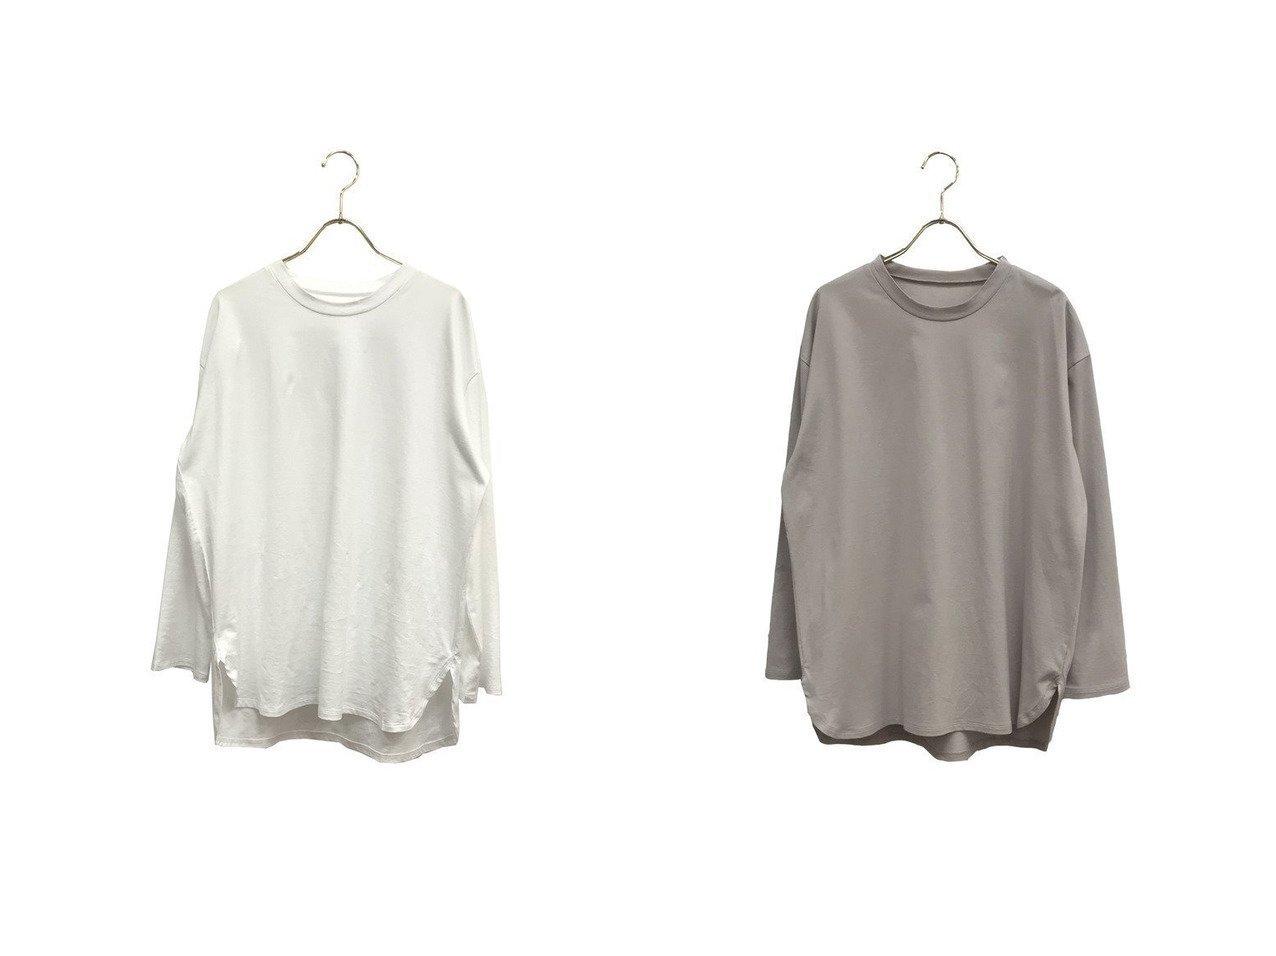 【ROPE' mademoiselle/ロペ マドモアゼル】のオーガニックコットンロングTシャツ ROPEのおすすめ!人気、トレンド・レディースファッションの通販  おすすめで人気の流行・トレンド、ファッションの通販商品 メンズファッション・キッズファッション・インテリア・家具・レディースファッション・服の通販 founy(ファニー) https://founy.com/ ファッション Fashion レディースファッション WOMEN トップス Tops Tshirt シャツ/ブラウス Shirts Blouses ロング / Tシャツ T-Shirts カットソー Cut and Sewn オーガニック シンプル スウェット ポケット ロング 再入荷 Restock/Back in Stock/Re Arrival |ID:crp329100000017837